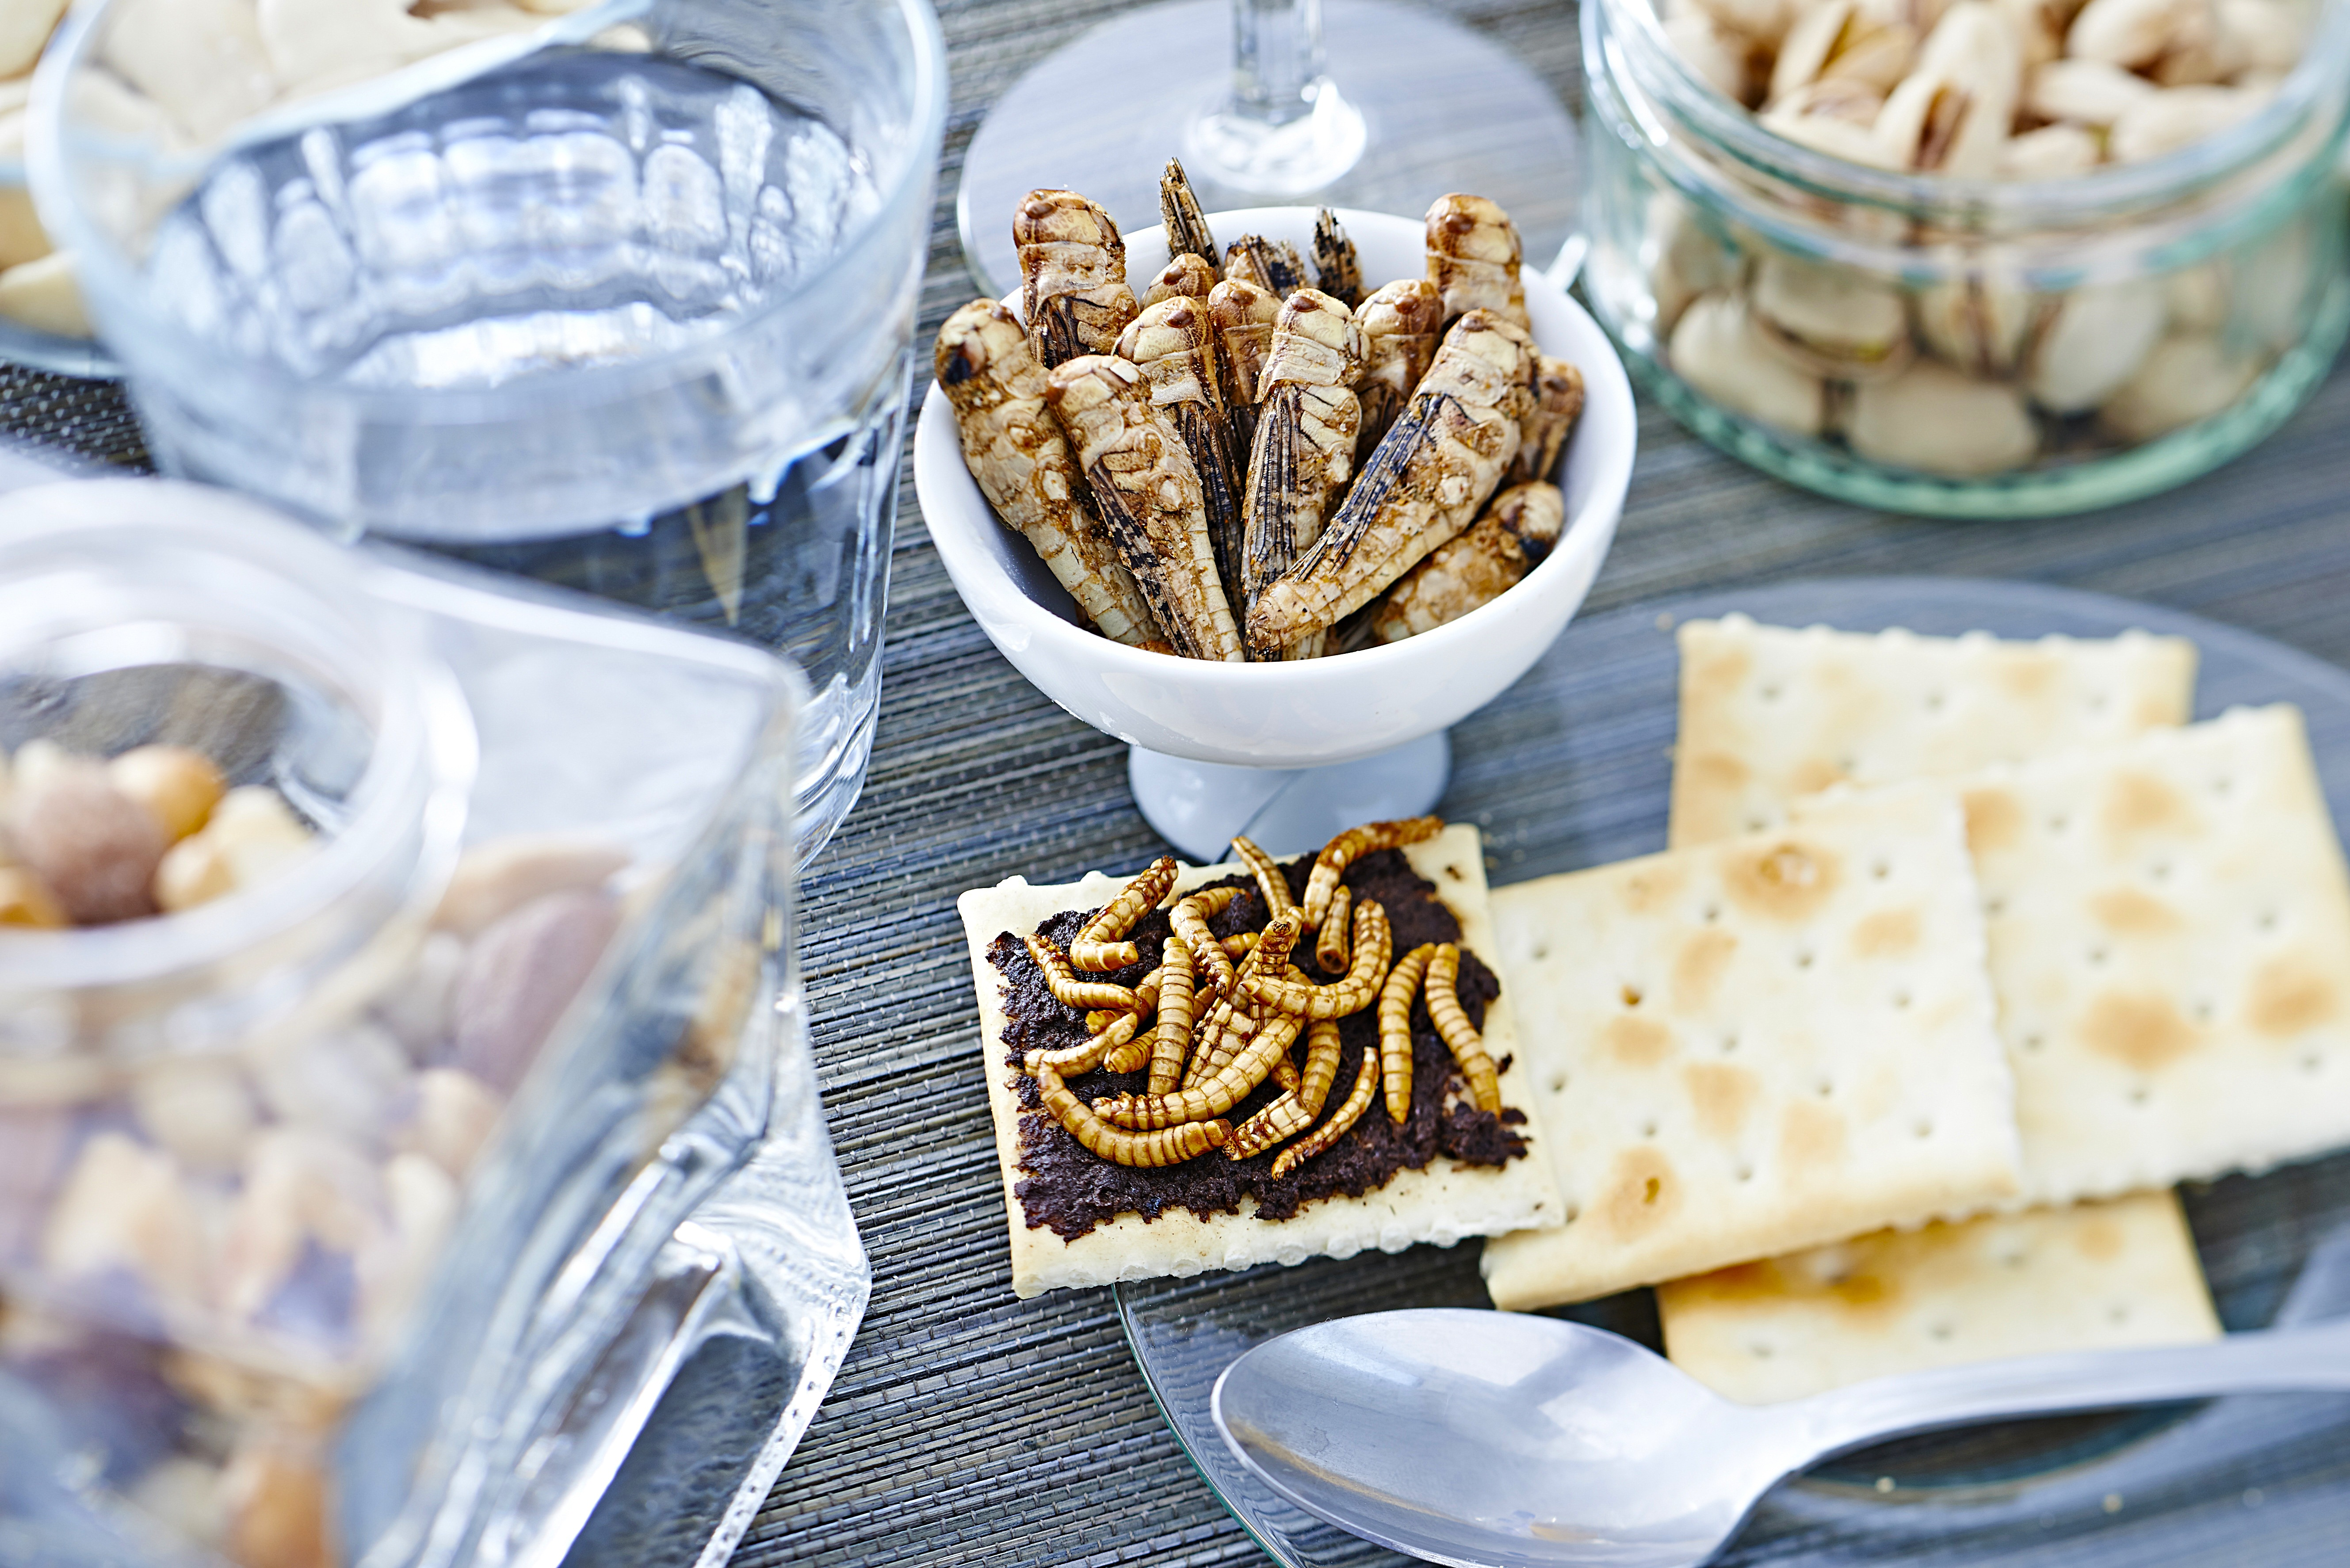 Megérkeztek az első sült rovarok az angol élelmiszerboltokba